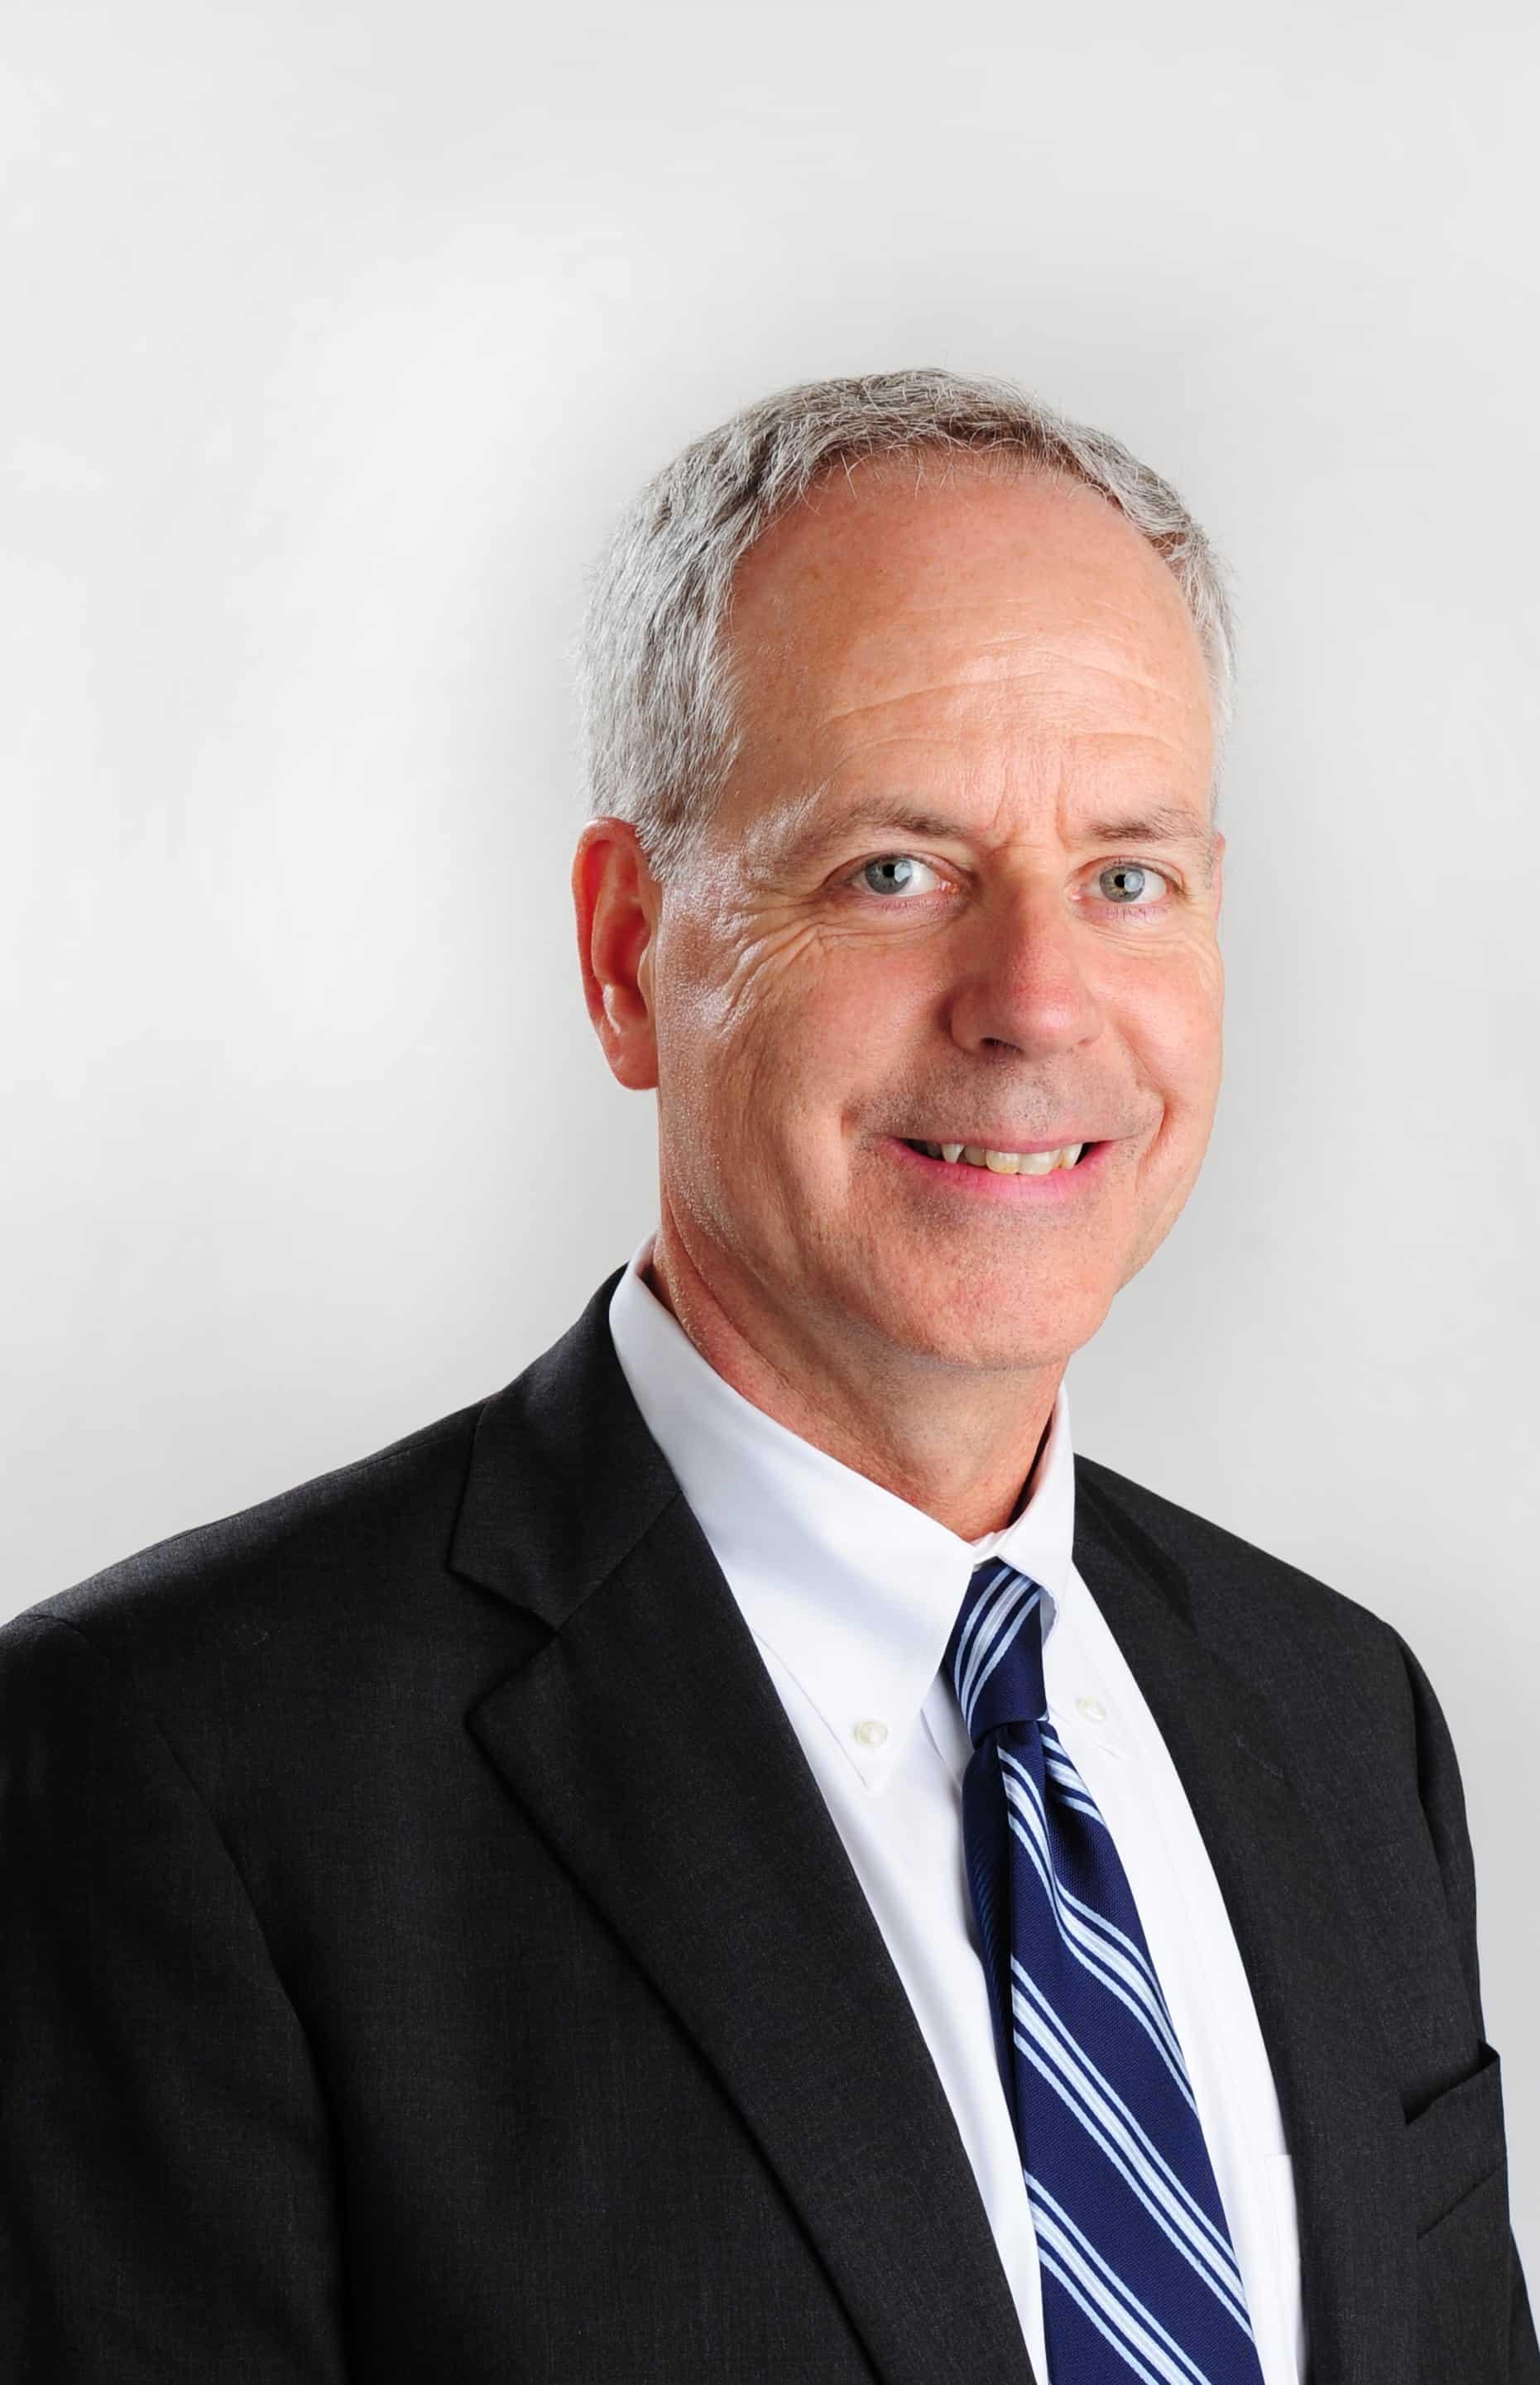 Podiatrist Dr. Kevin Murray